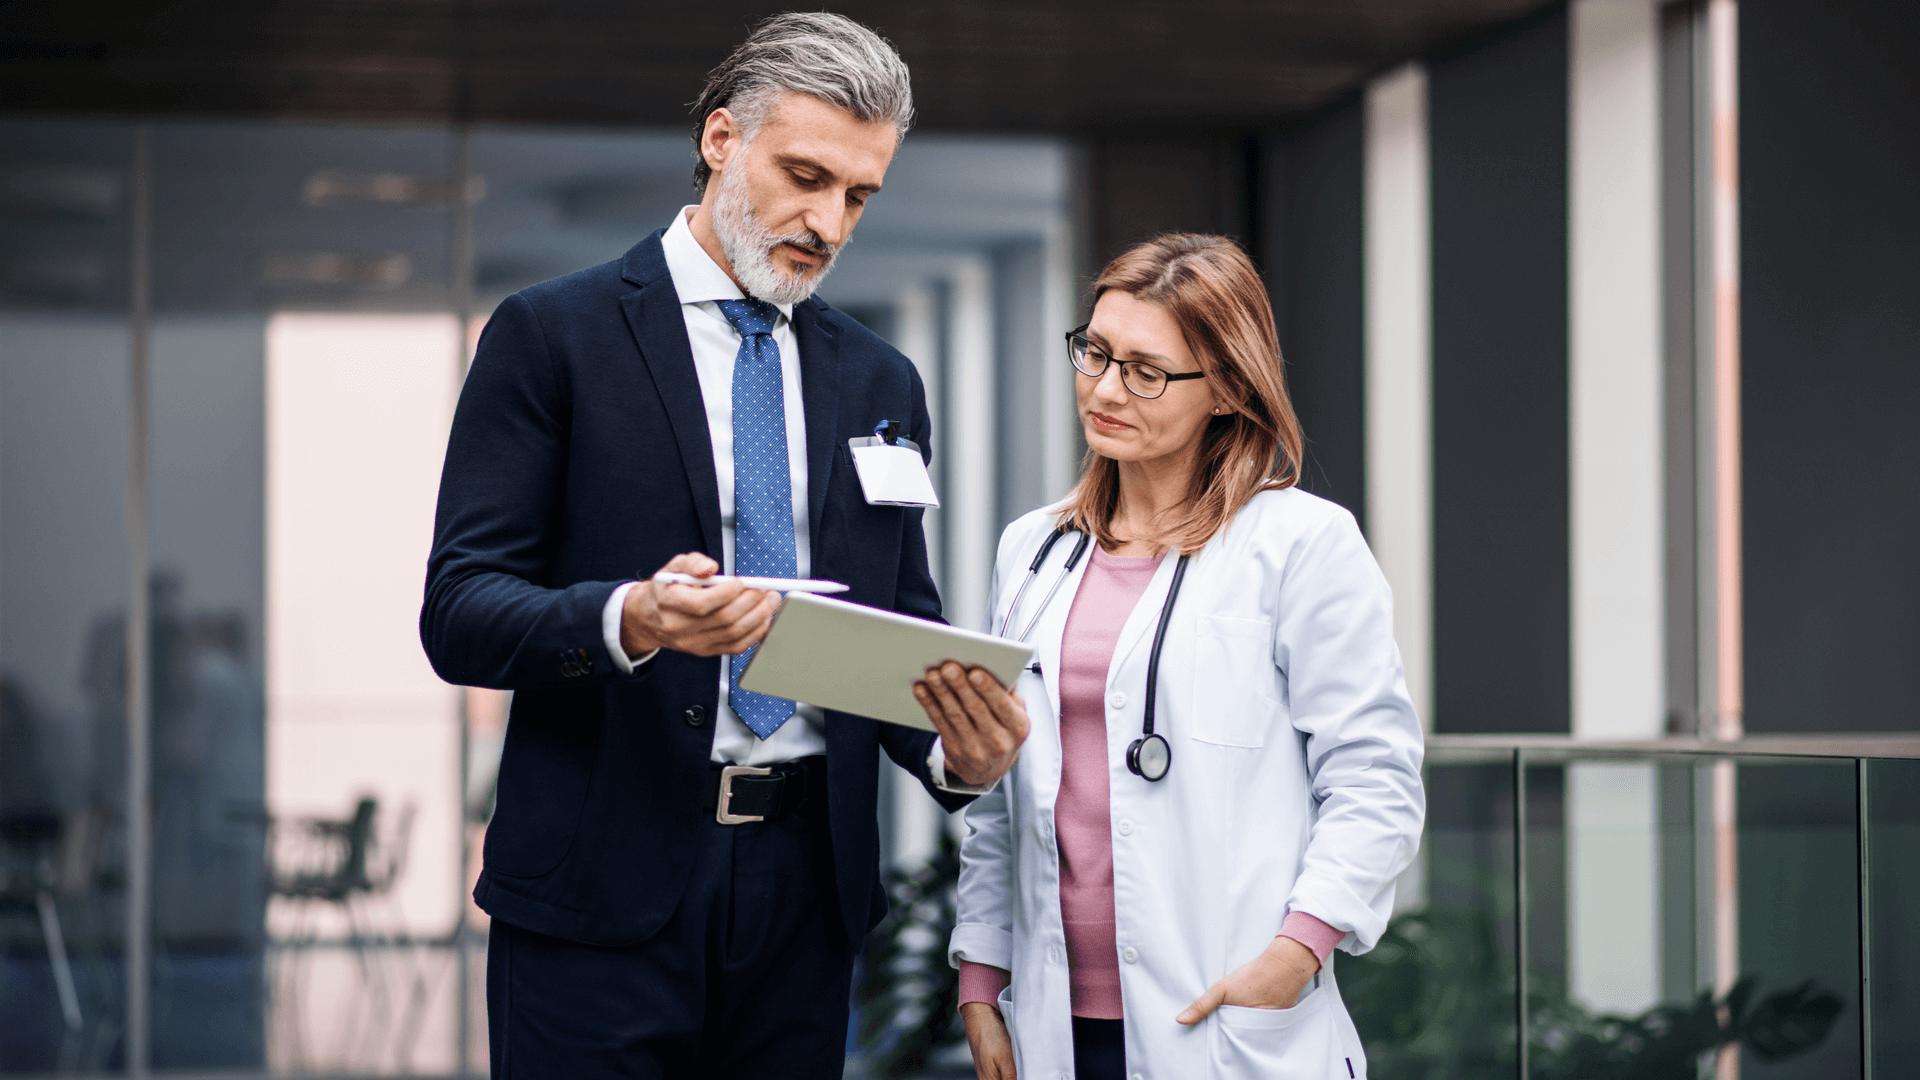 Dofinansowanie zakupu oprogramowania drEryk - Przedstawiciel handlowy z lekarką